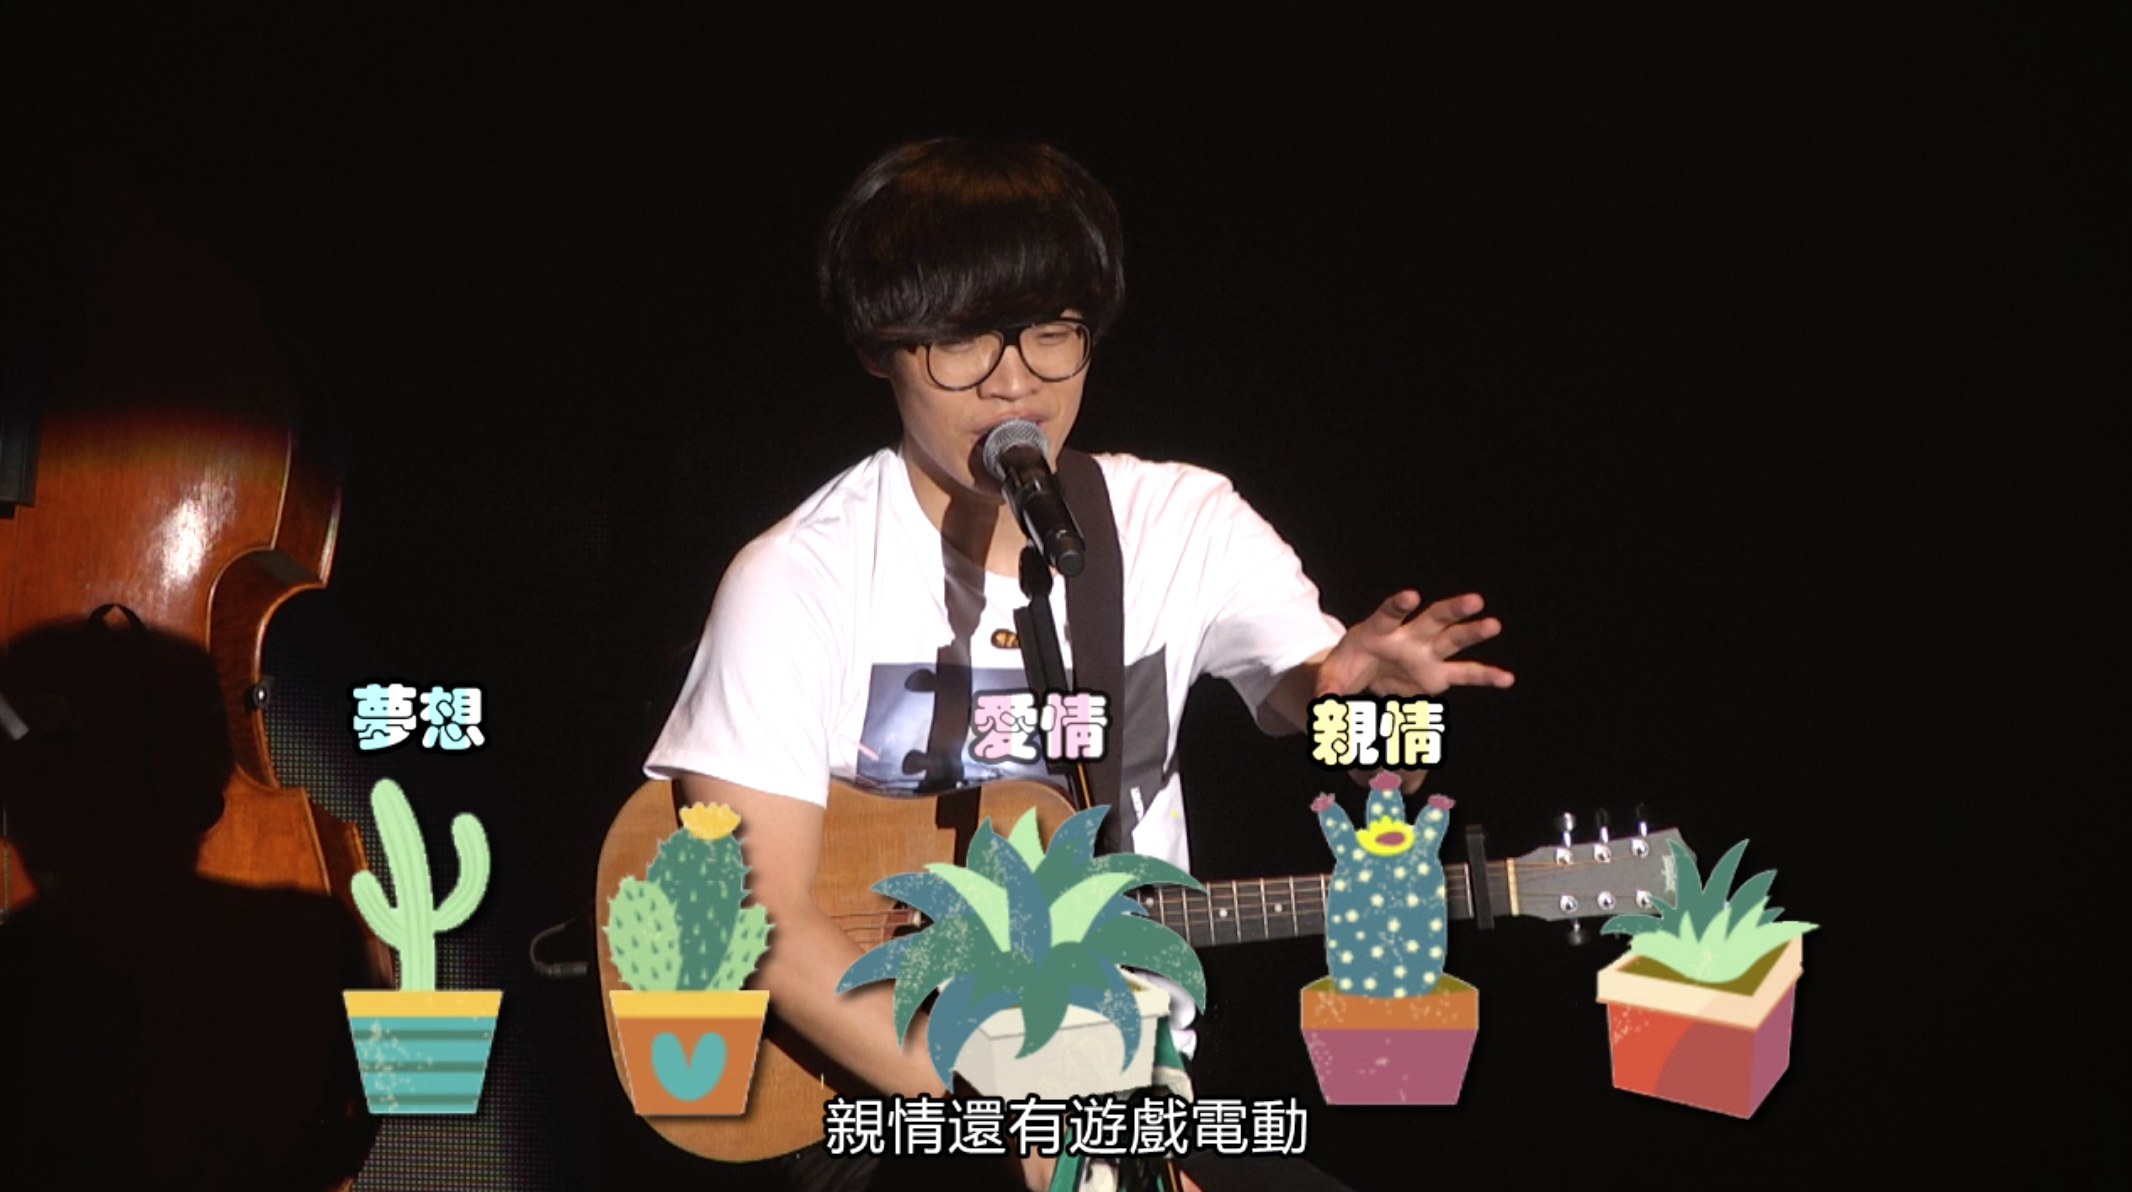 【#星聞】盧廣仲演唱會Day2不當幹話王 轉性深情感性小農夫